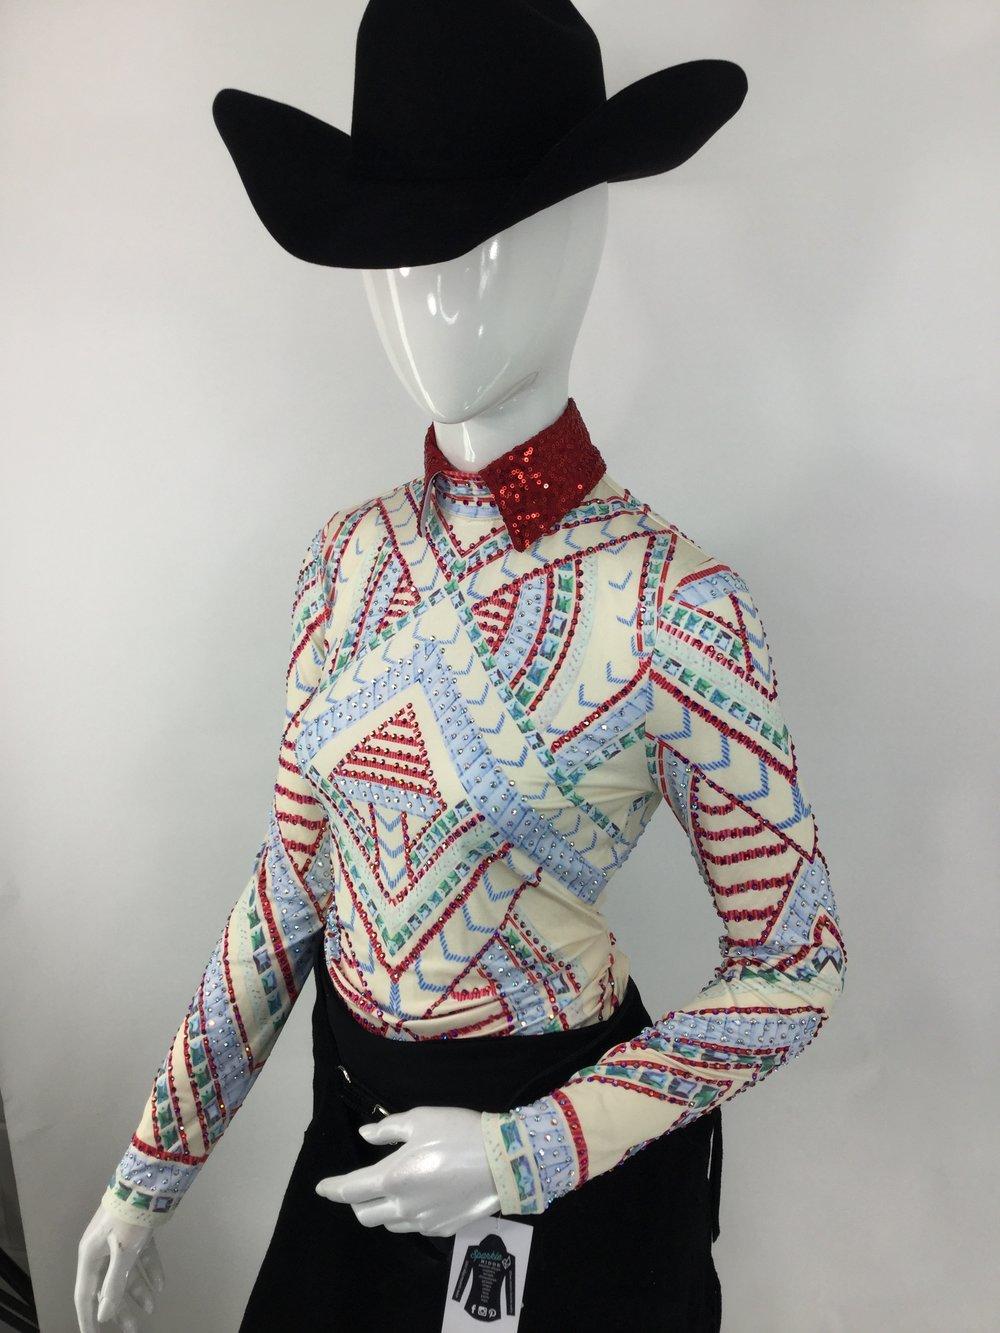 Kotitehtavat Taso Lippu Western Show Clothing Hellenicheritageinstitute Org